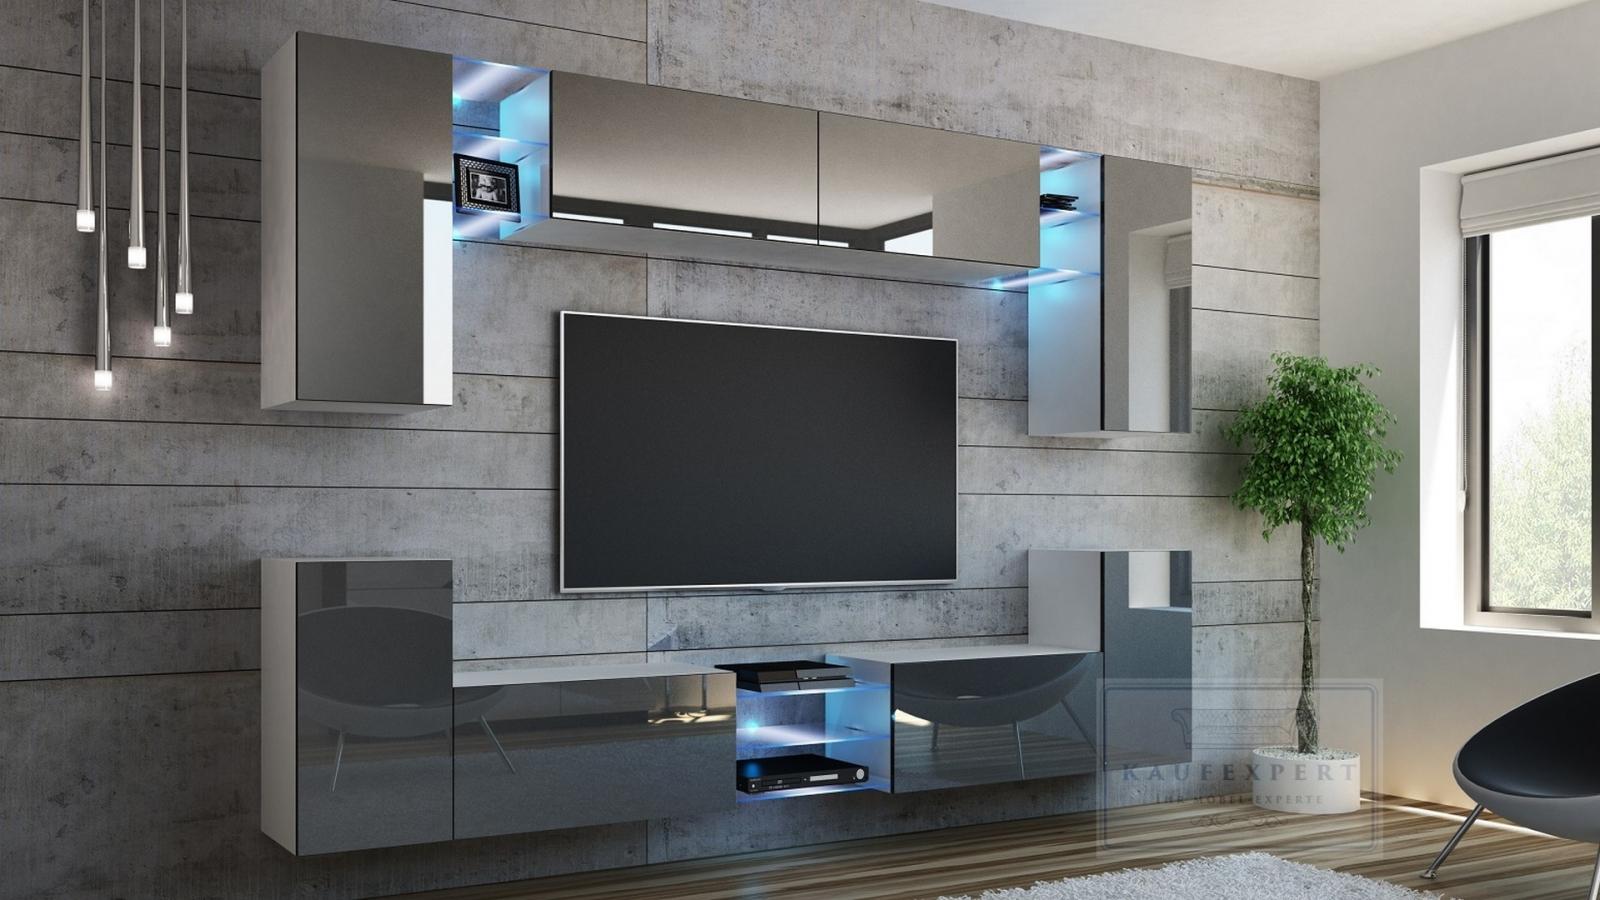 Kaufexpert kommode shine sideboard 120 cm grau hochglanz wei led beleuchtung modern design tv - Rigips wohnwand ...